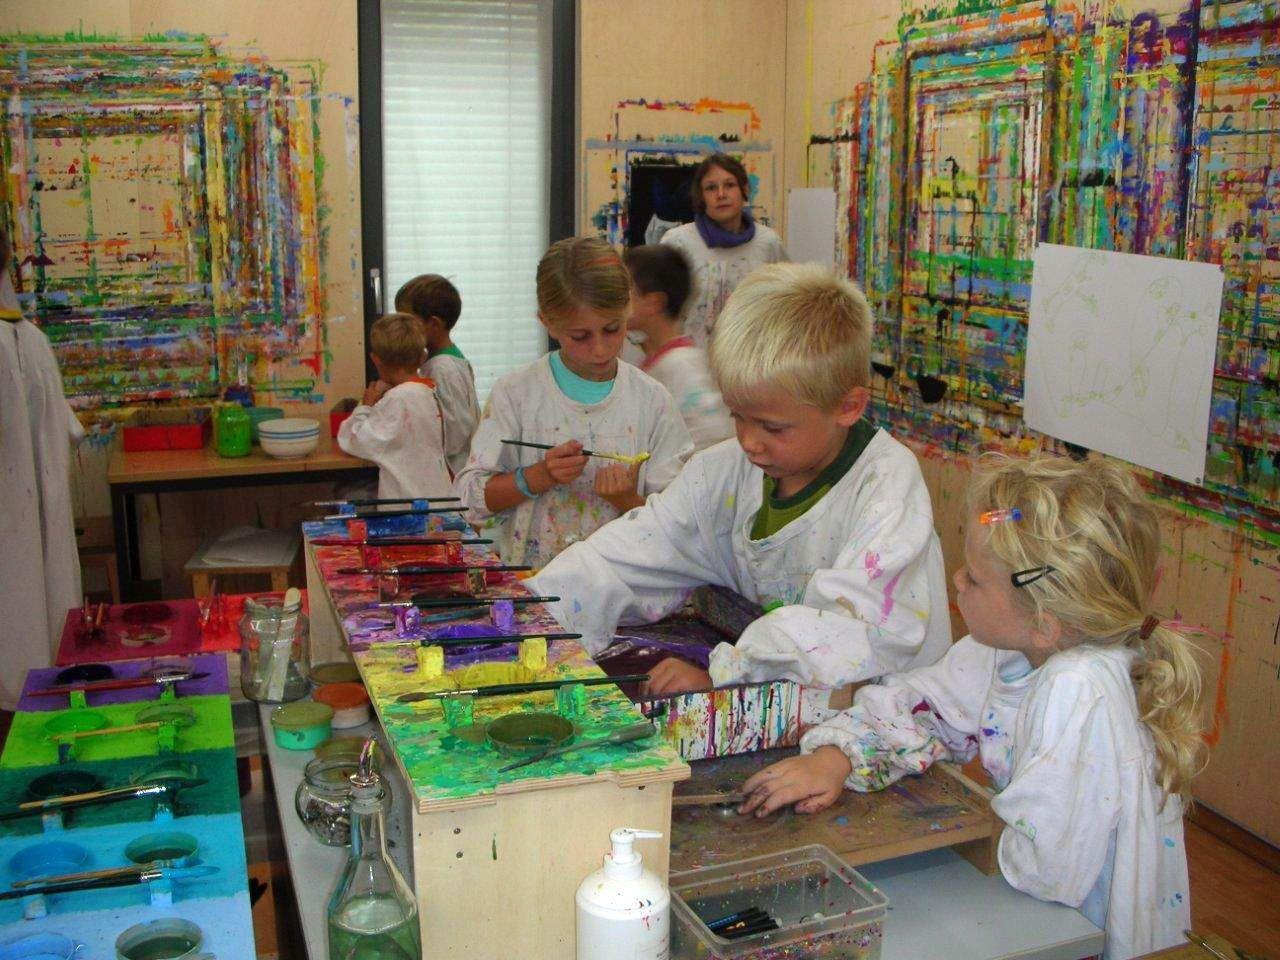 Andrea Visintainer-Lackner bietet Malgruppen für Erwachsene, Kinder und Jugendliche an.